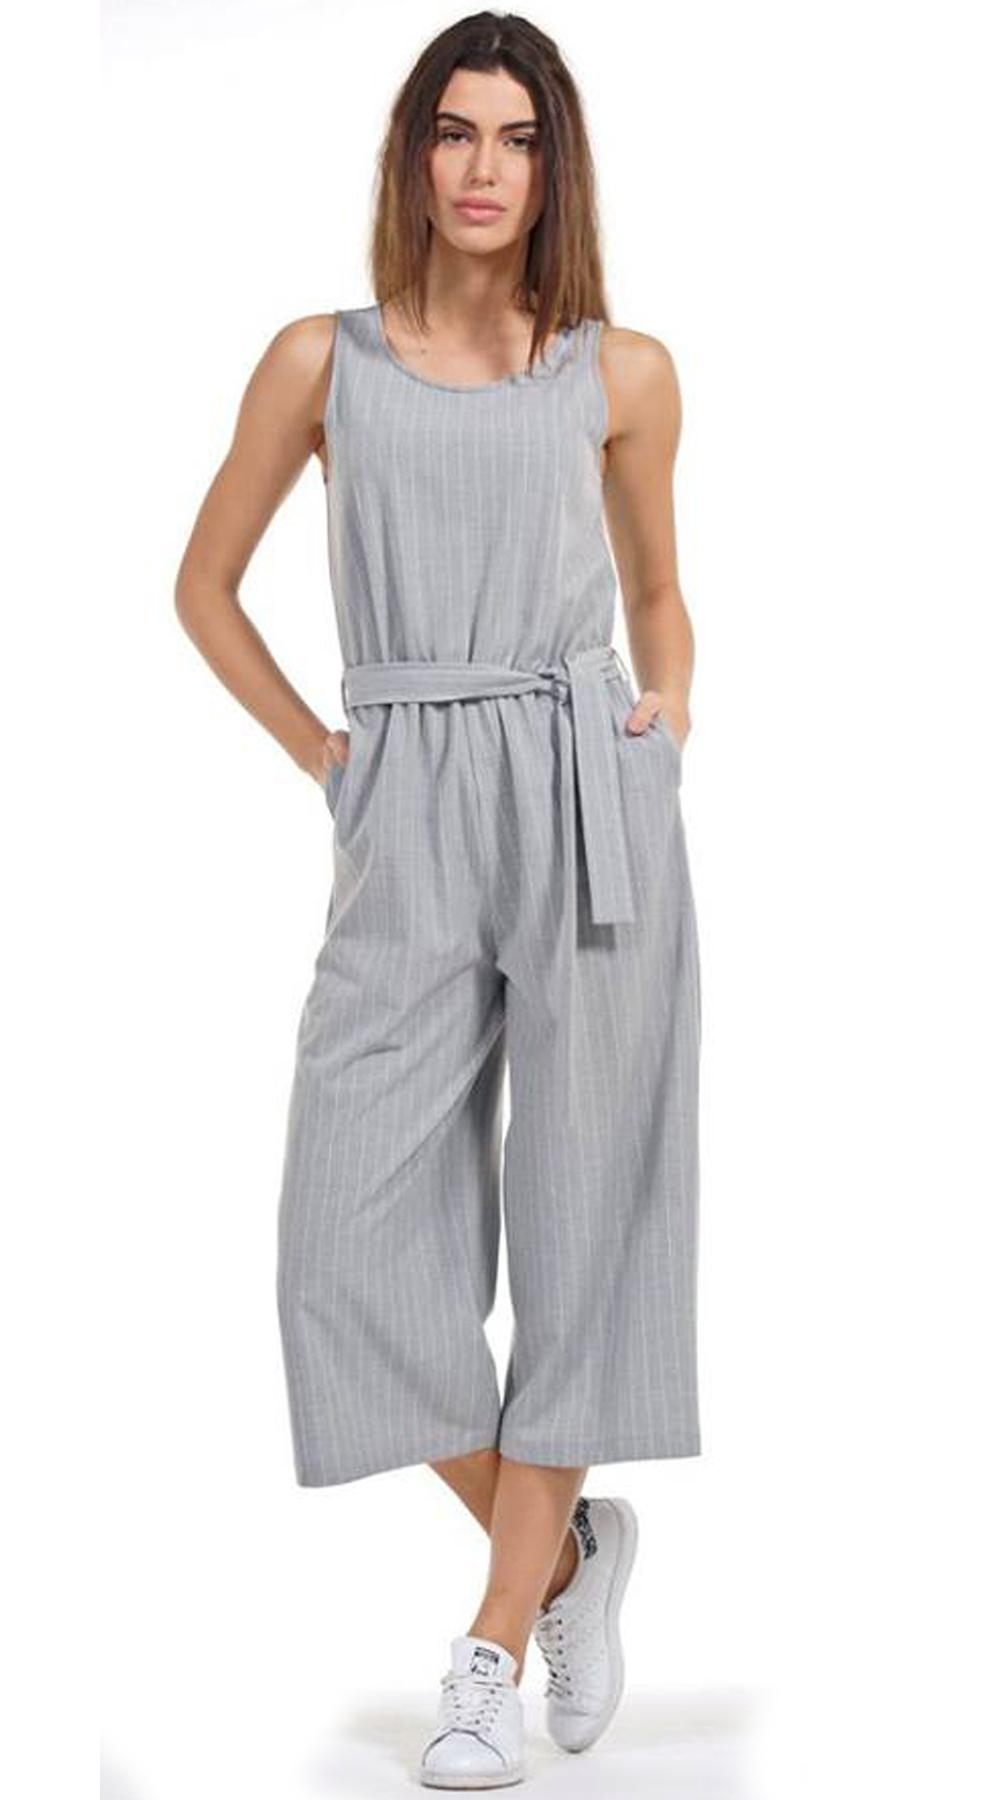 Γυναικεία ολόσωμη ριγέ φόρμα με ζιπ κιλότ τελείωμα - OEM - SP18NA-23004 ενδύματα ολόσωμες φόρμες